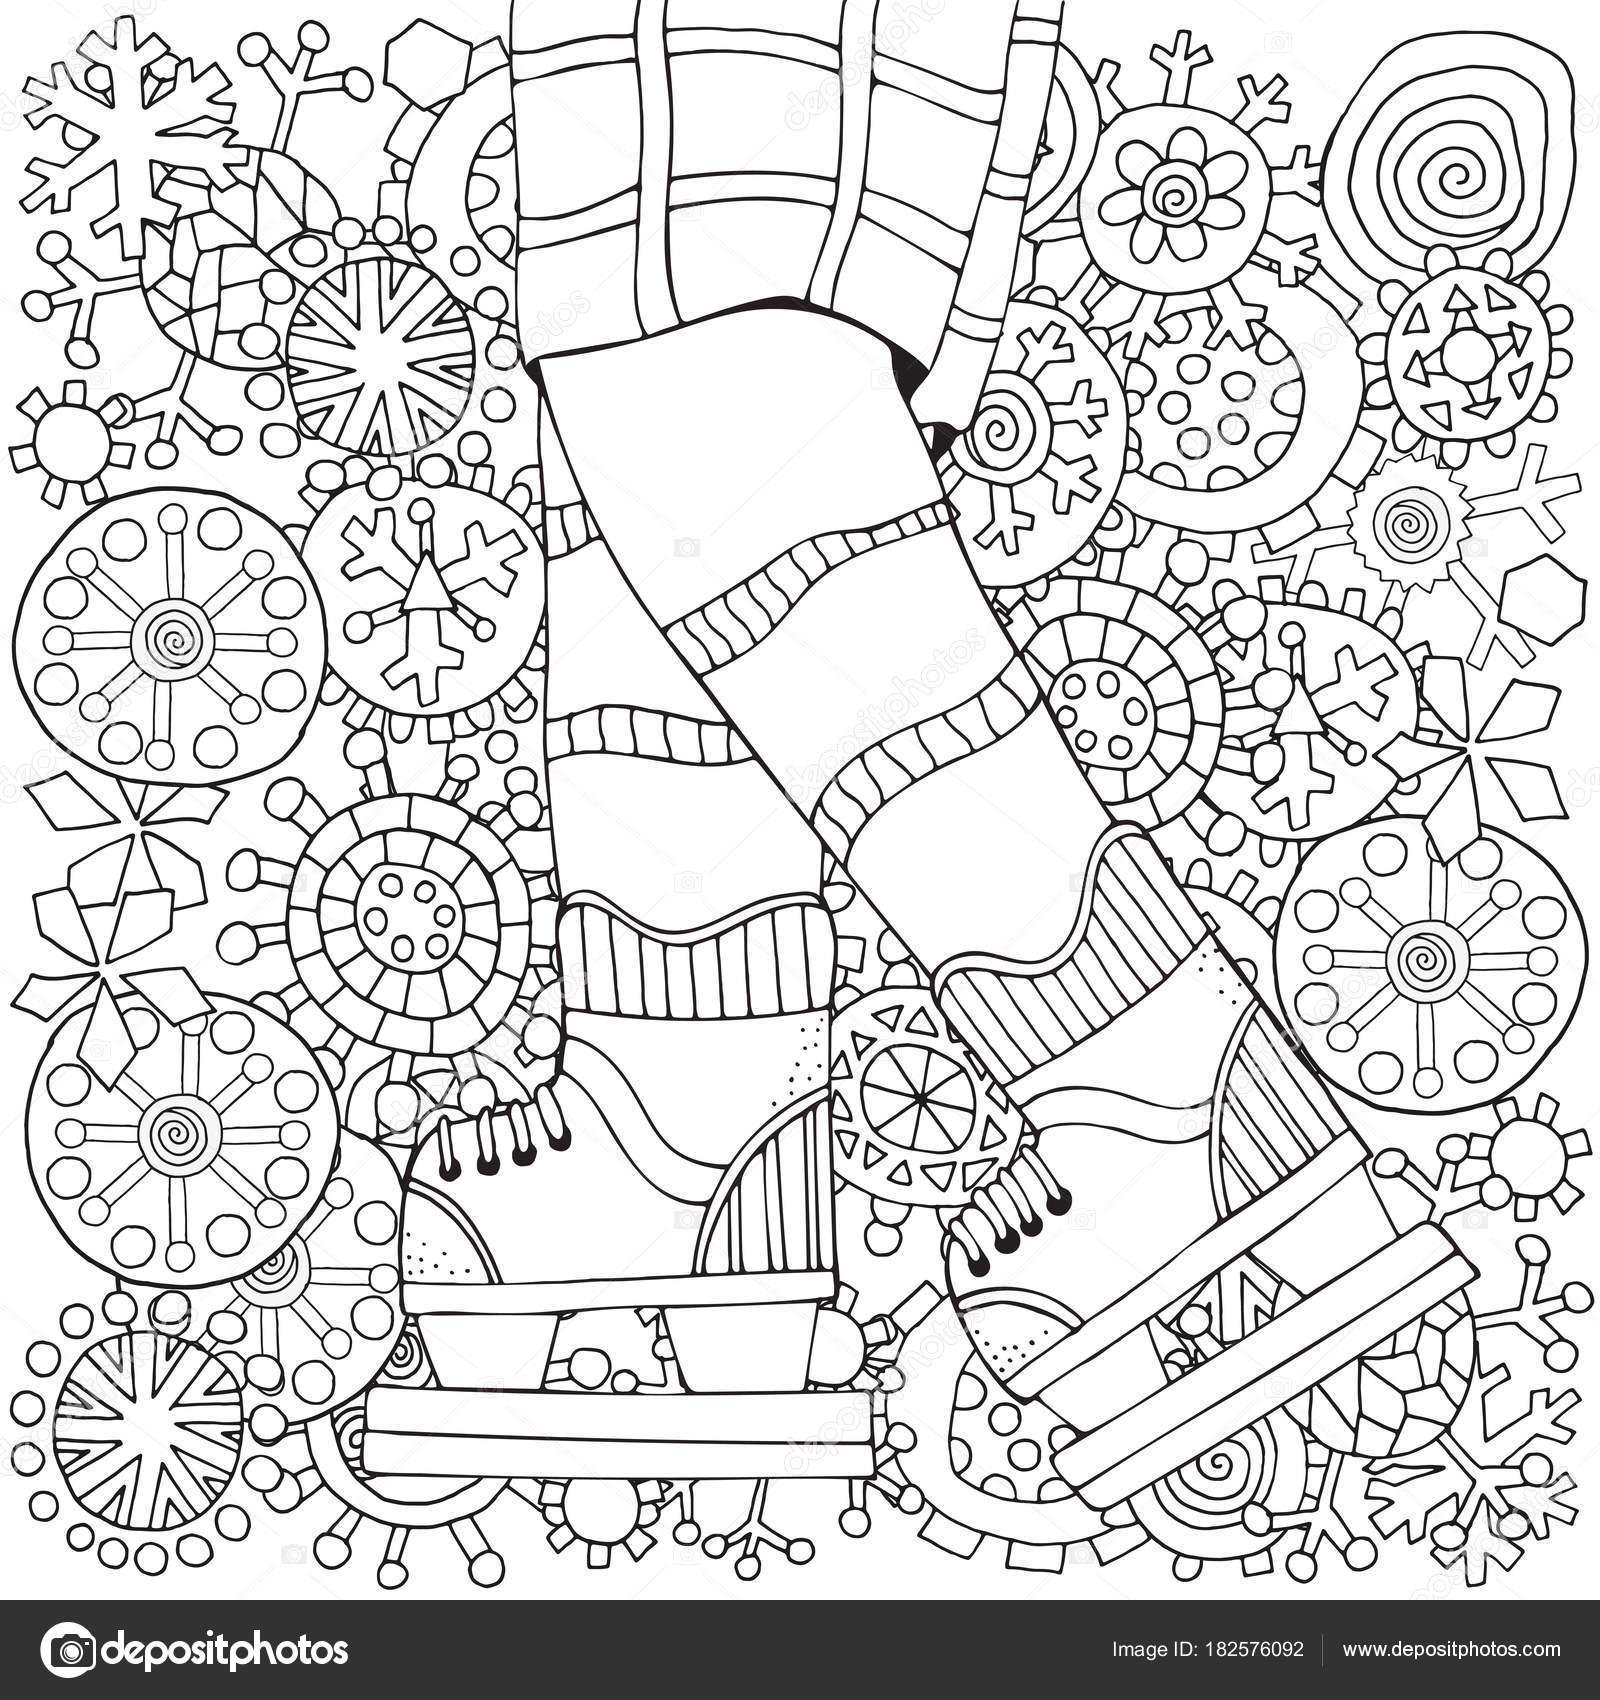 冬のスケートの少年 冬の雪 大人ぬりえ本 ベクターの手描きイラスト 足と